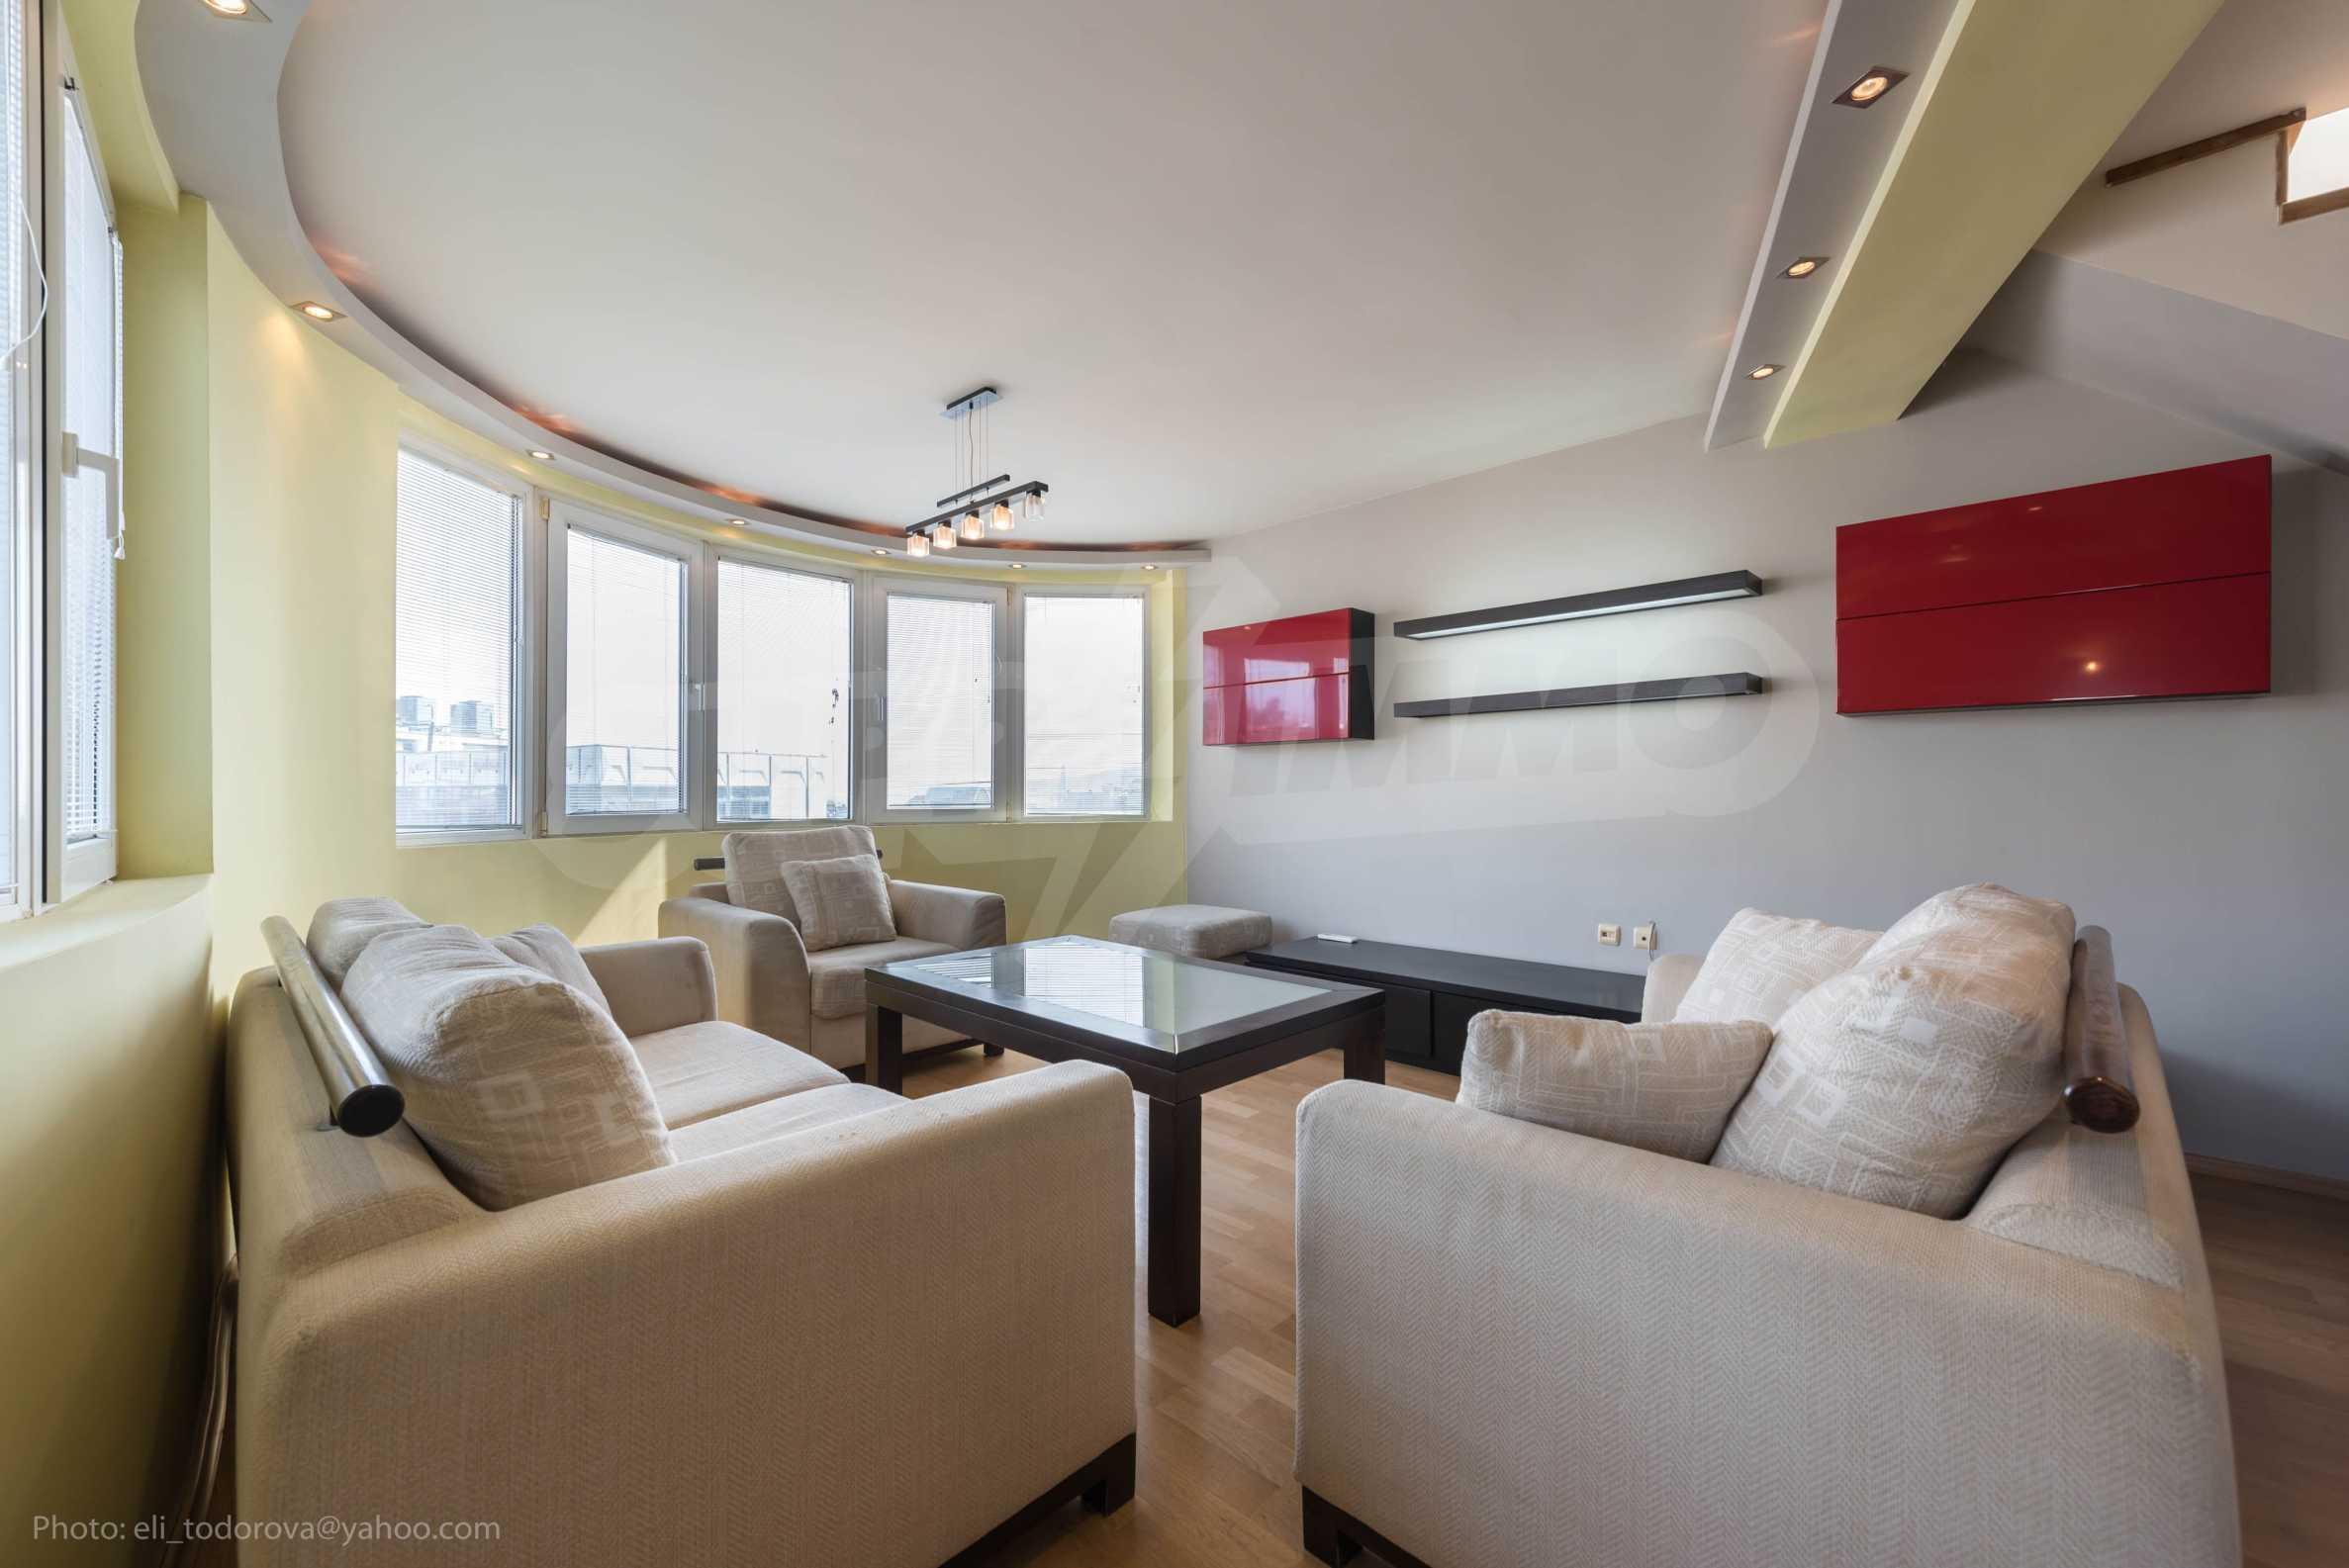 Квартира «Миша» - отличная трехкомнатная недвижимость в идеальном центре. 1